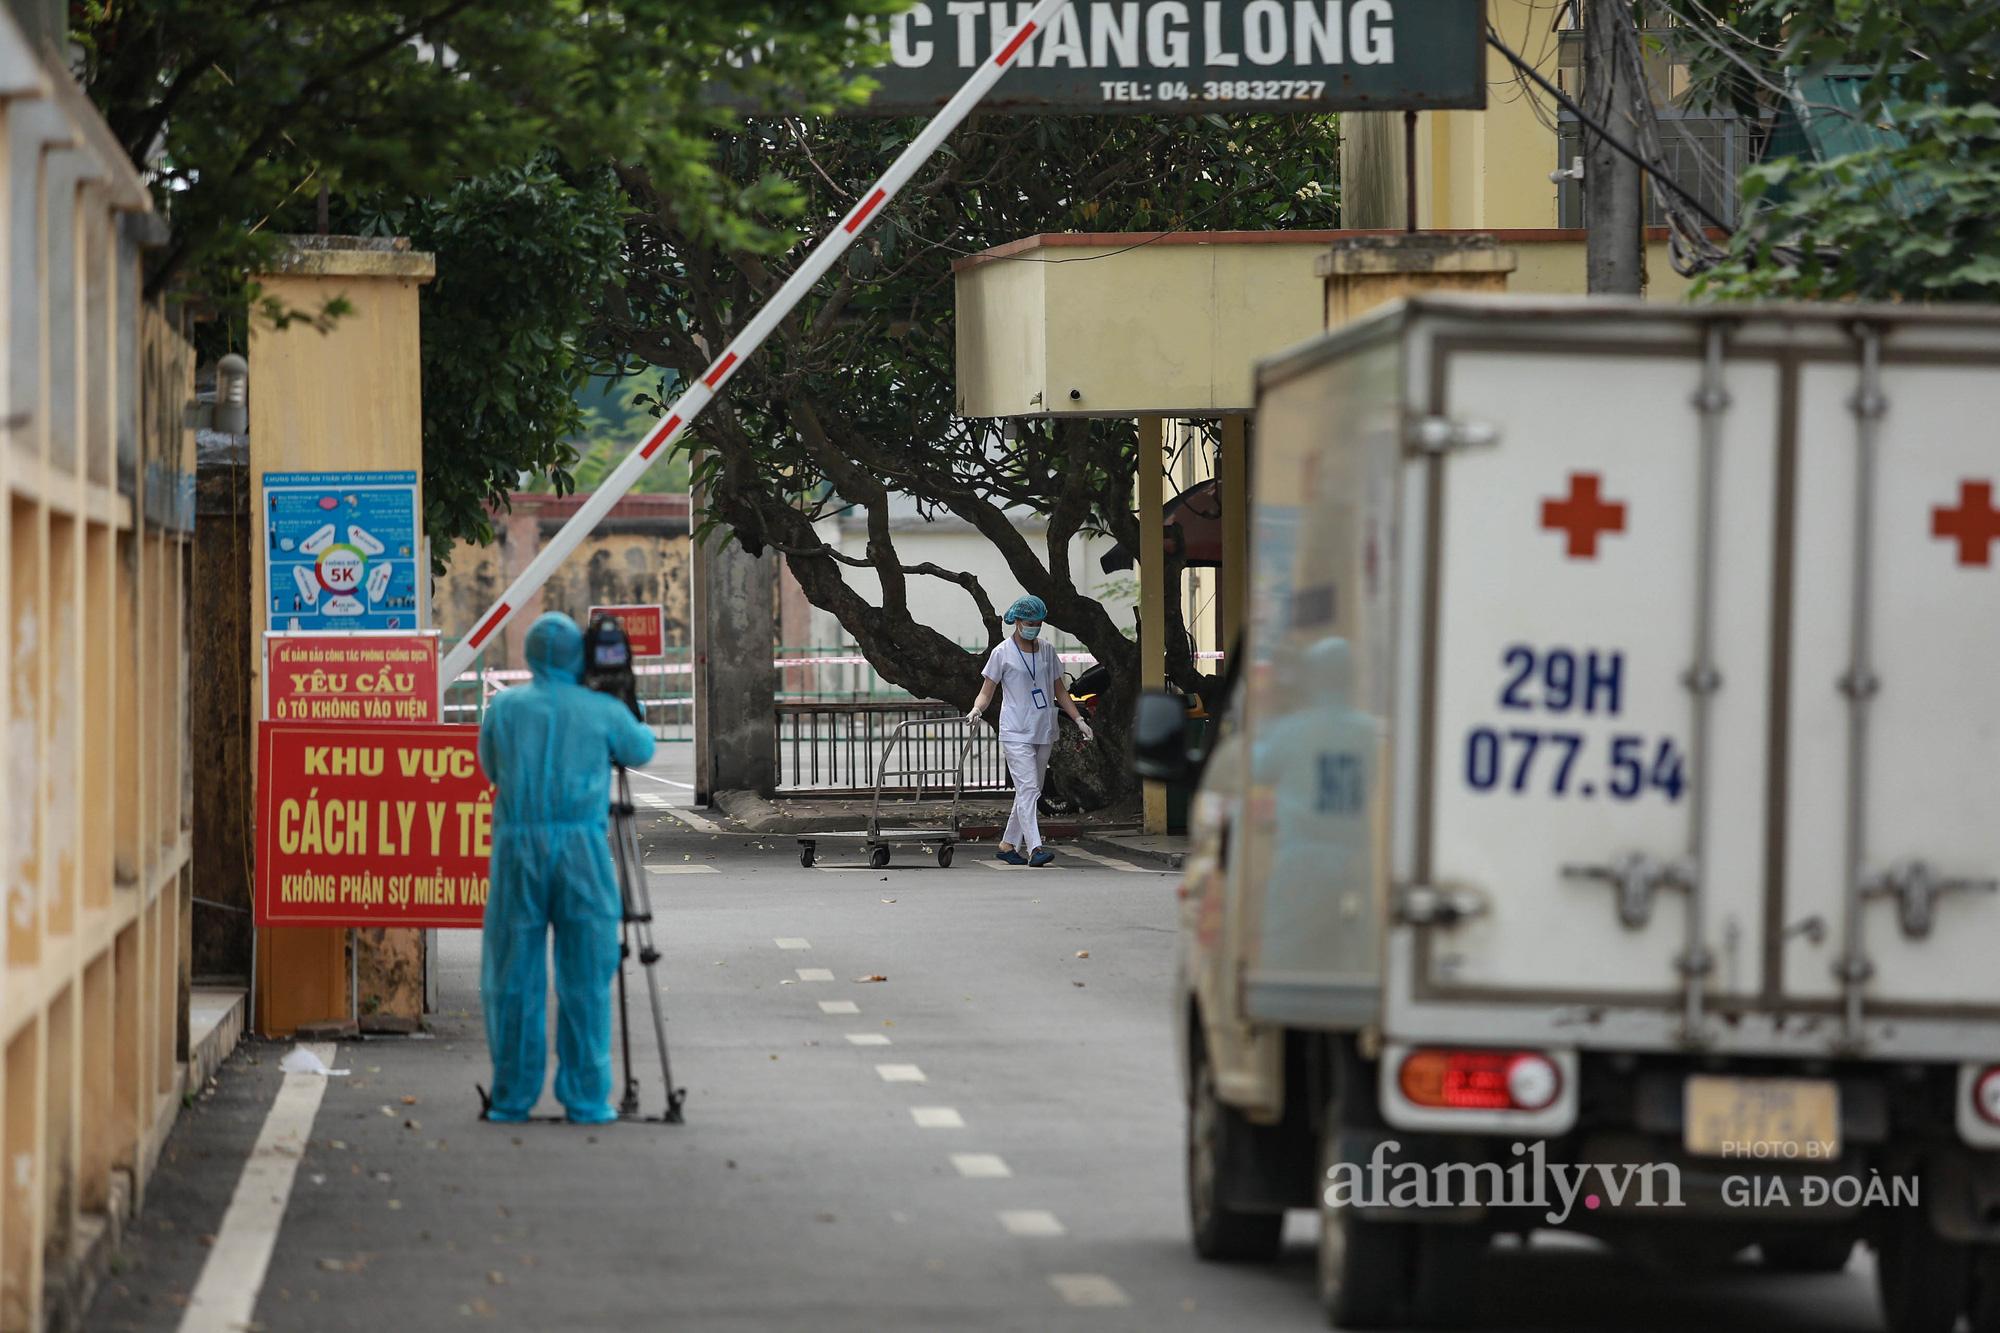 Bệnh viện Bắc Thăng Long tạm thời phong tỏa, dừng tiếp nhận bệnh nhân vì có liên quan đến người phụ nữ bán rau dương tính SARS-CoV-2 trong cộng đồng - Ảnh 9.